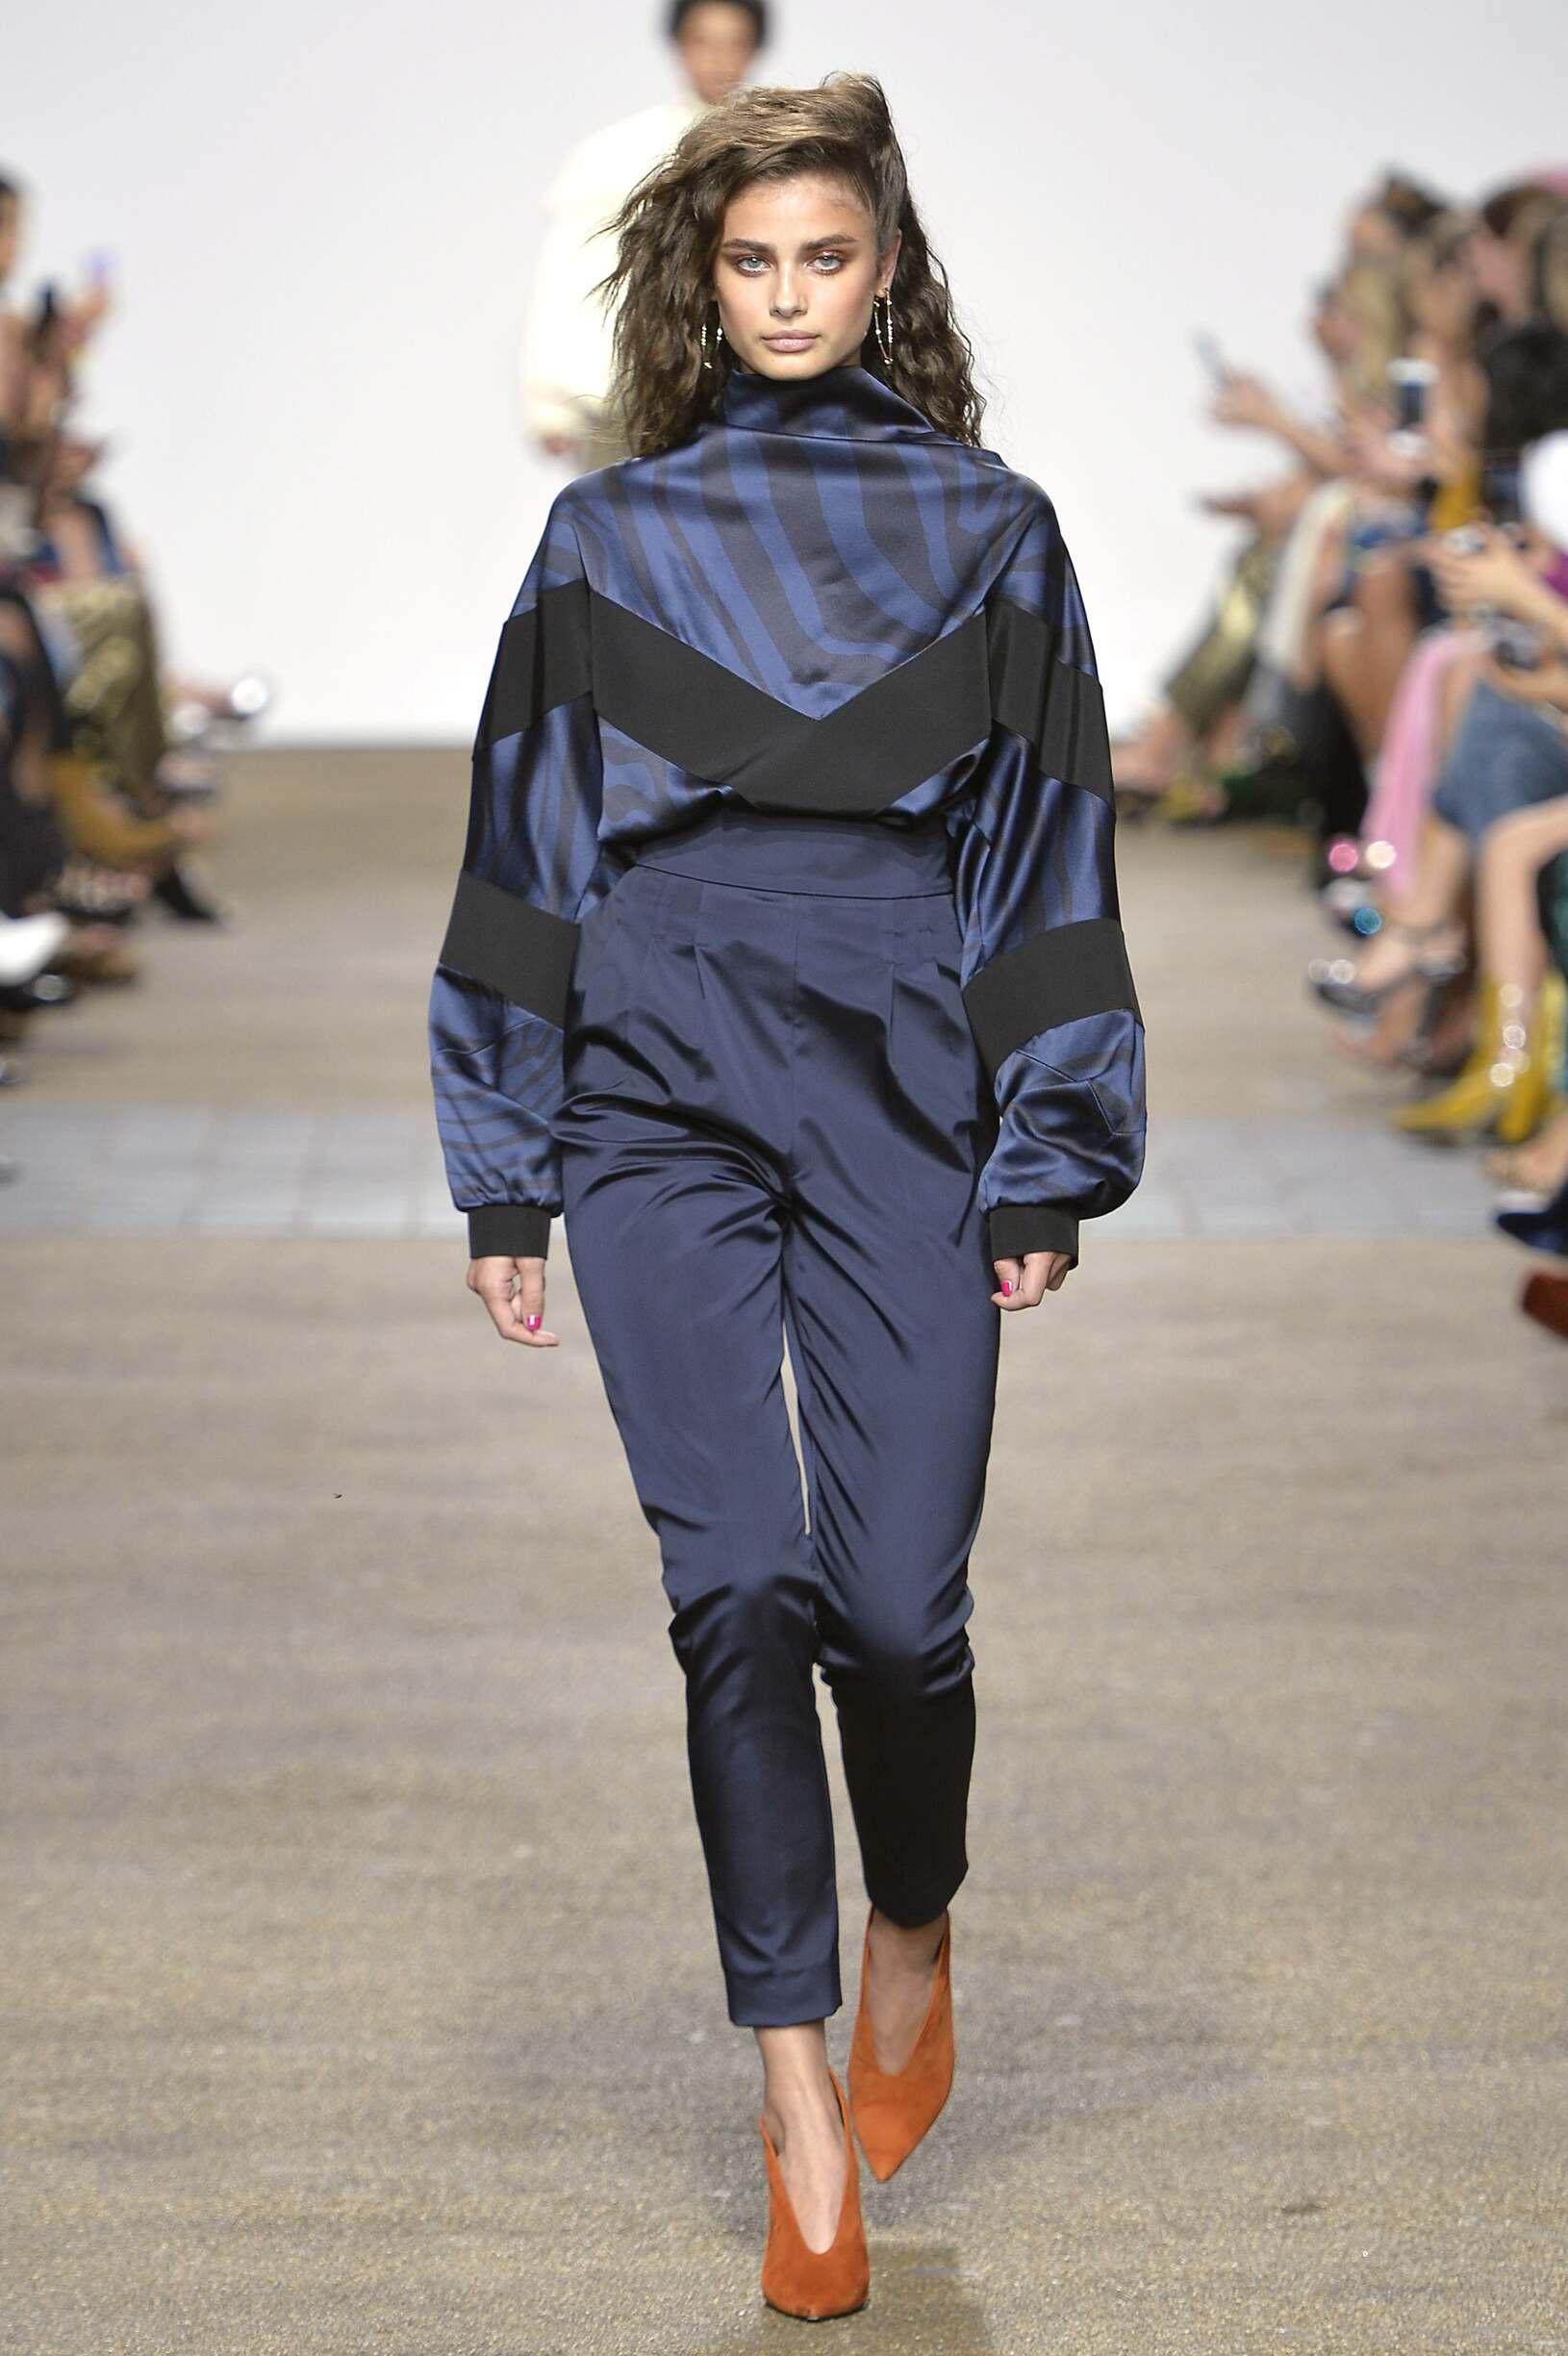 Topshop Unique Fashion Show September 2016 Collection